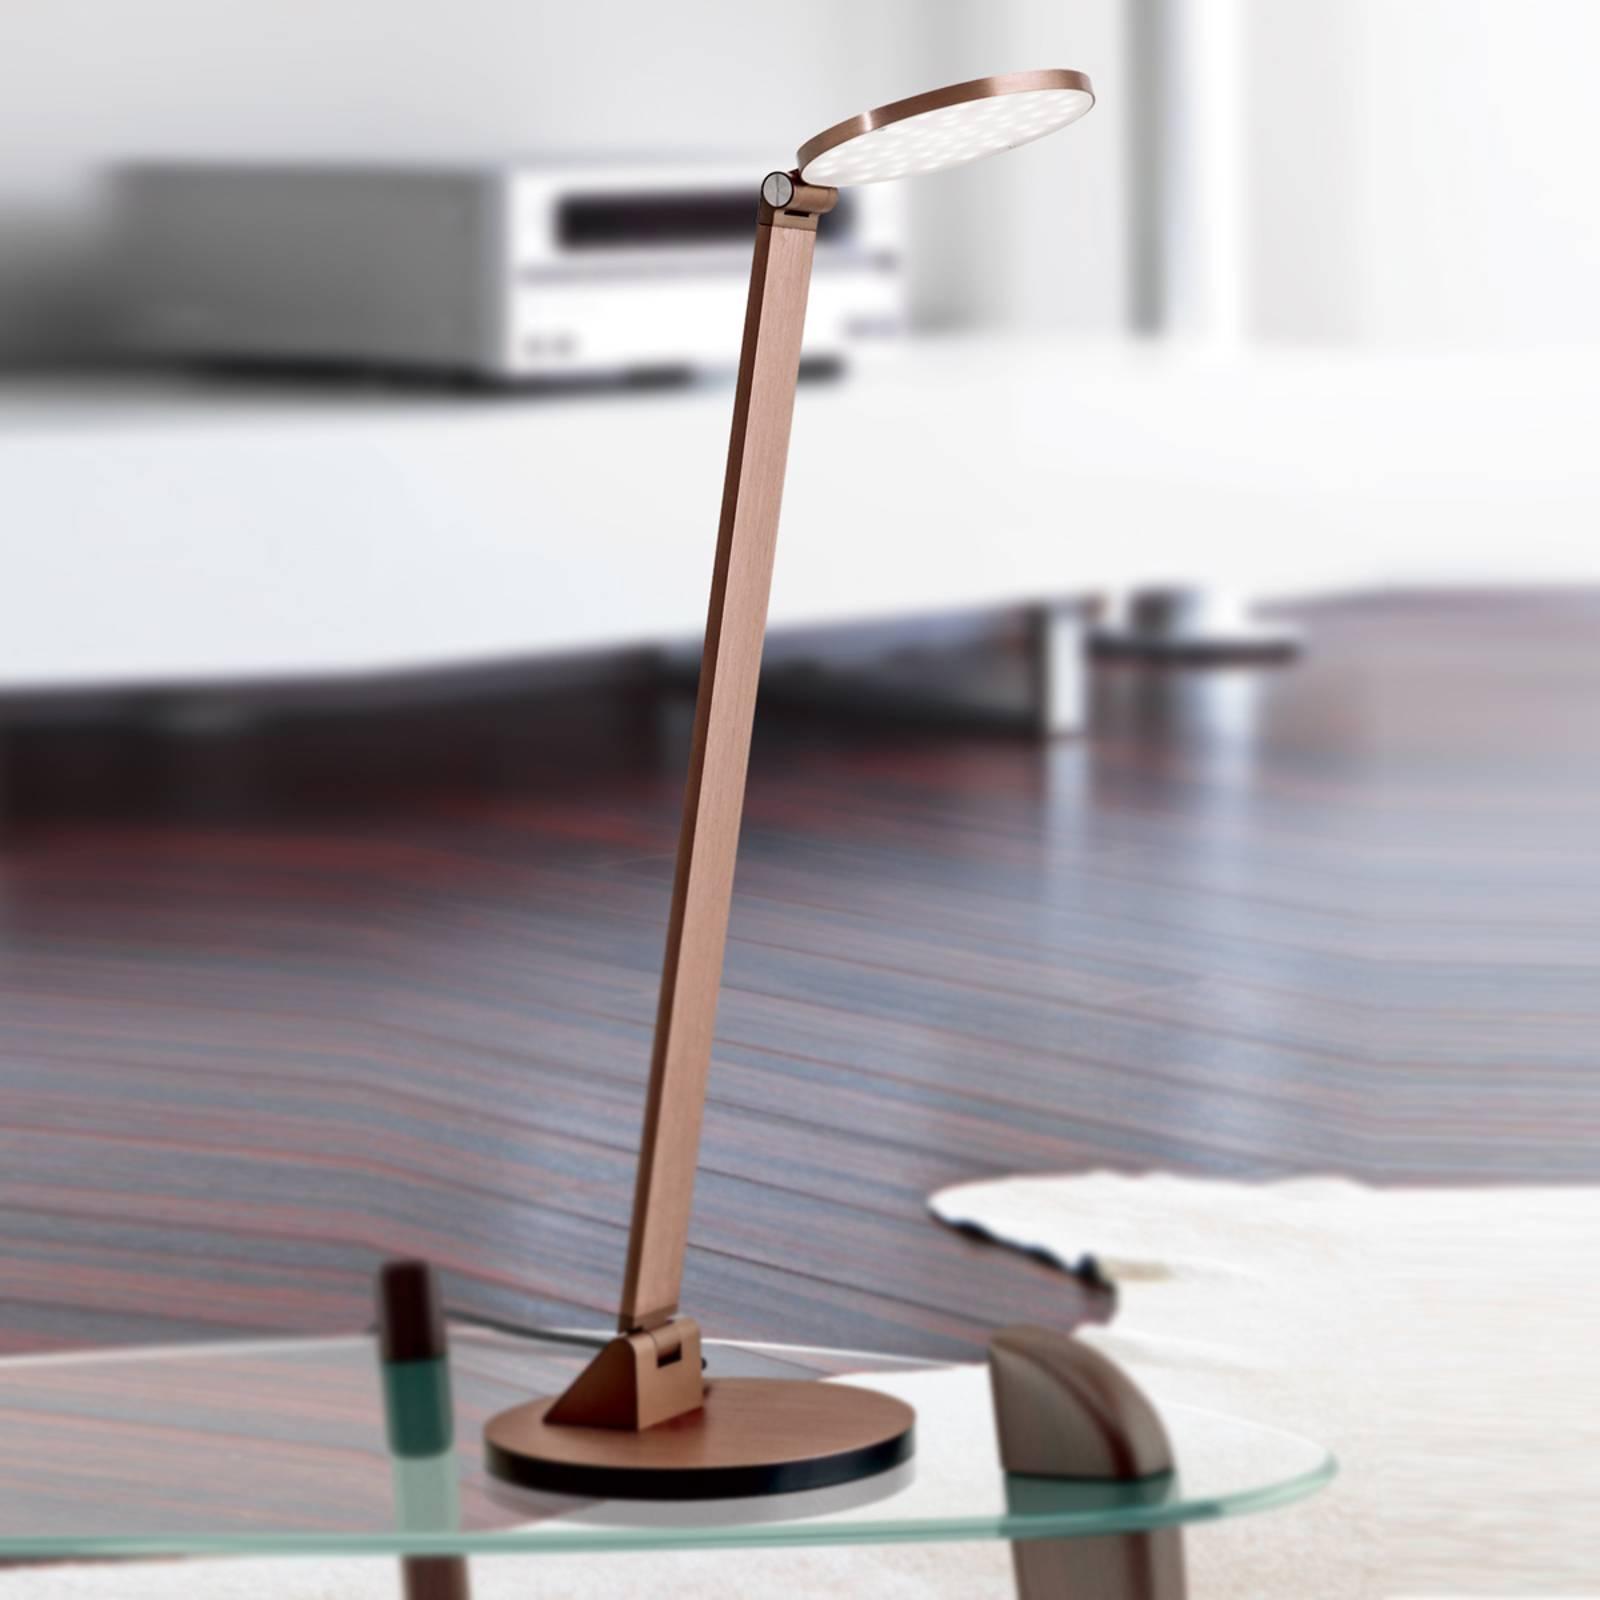 schreibtischlampen und andere lampen von orion online kaufen bei m bel garten. Black Bedroom Furniture Sets. Home Design Ideas